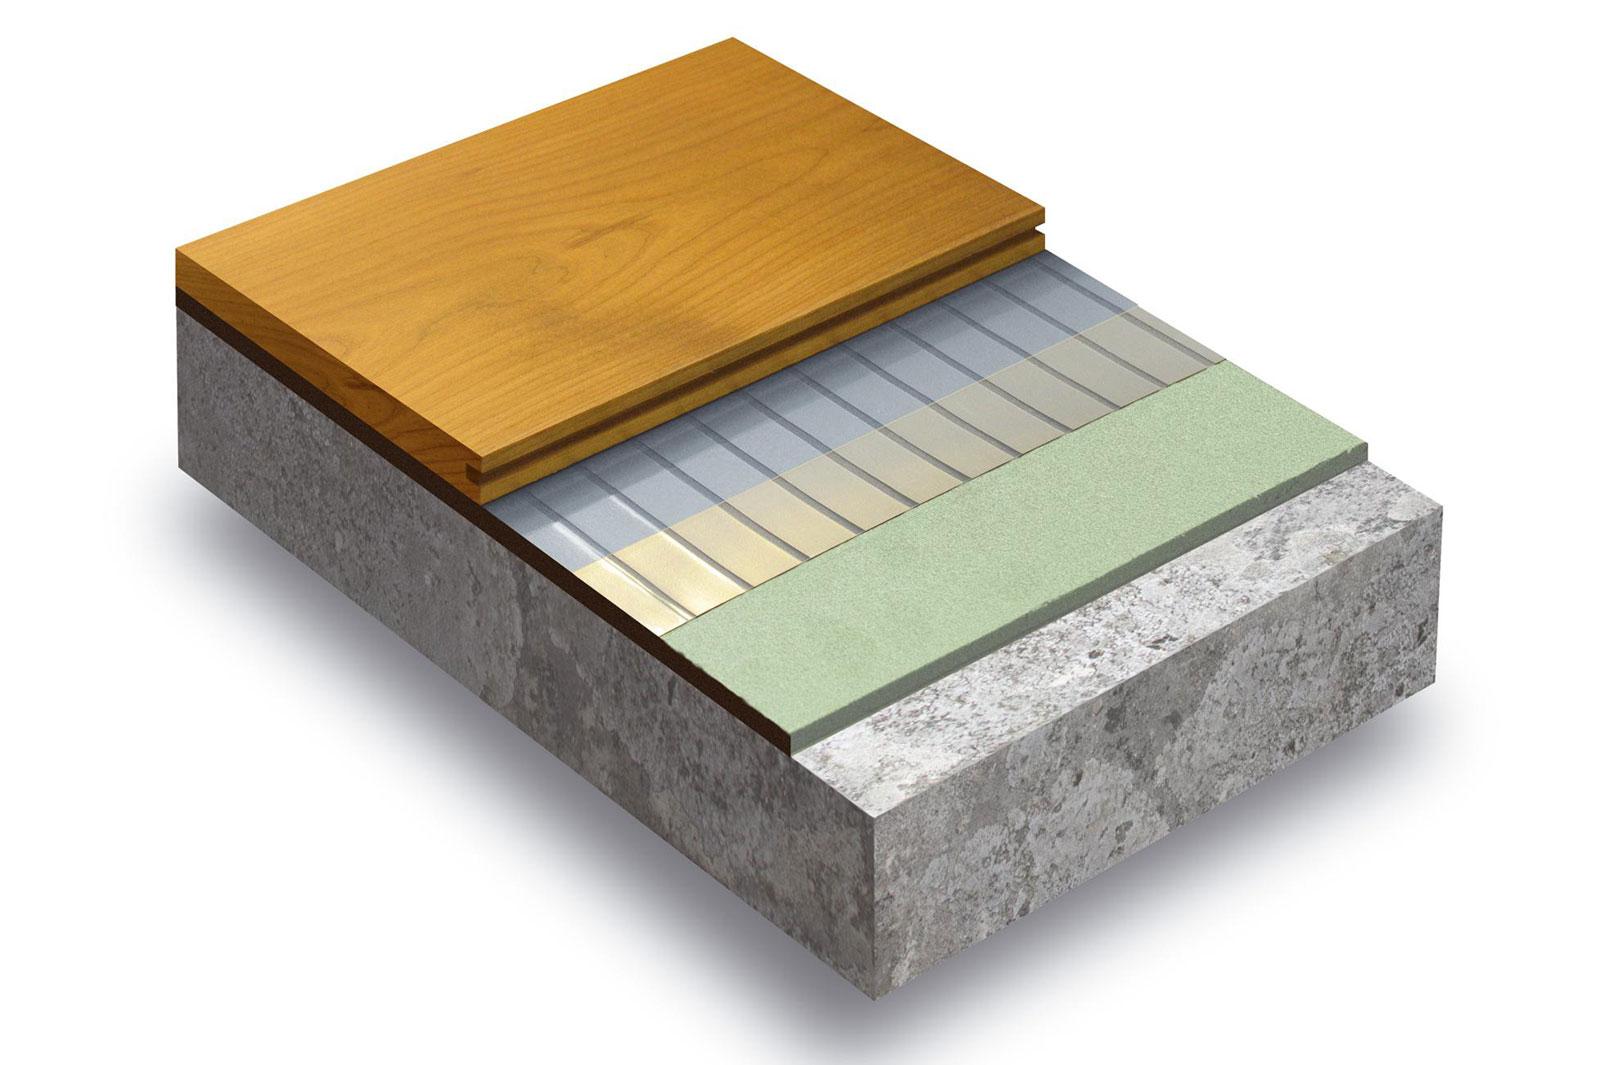 Lattialämmitys puulattiaan Infraheat lattialämmityskelmu neliöteho 90W leveys 50cm